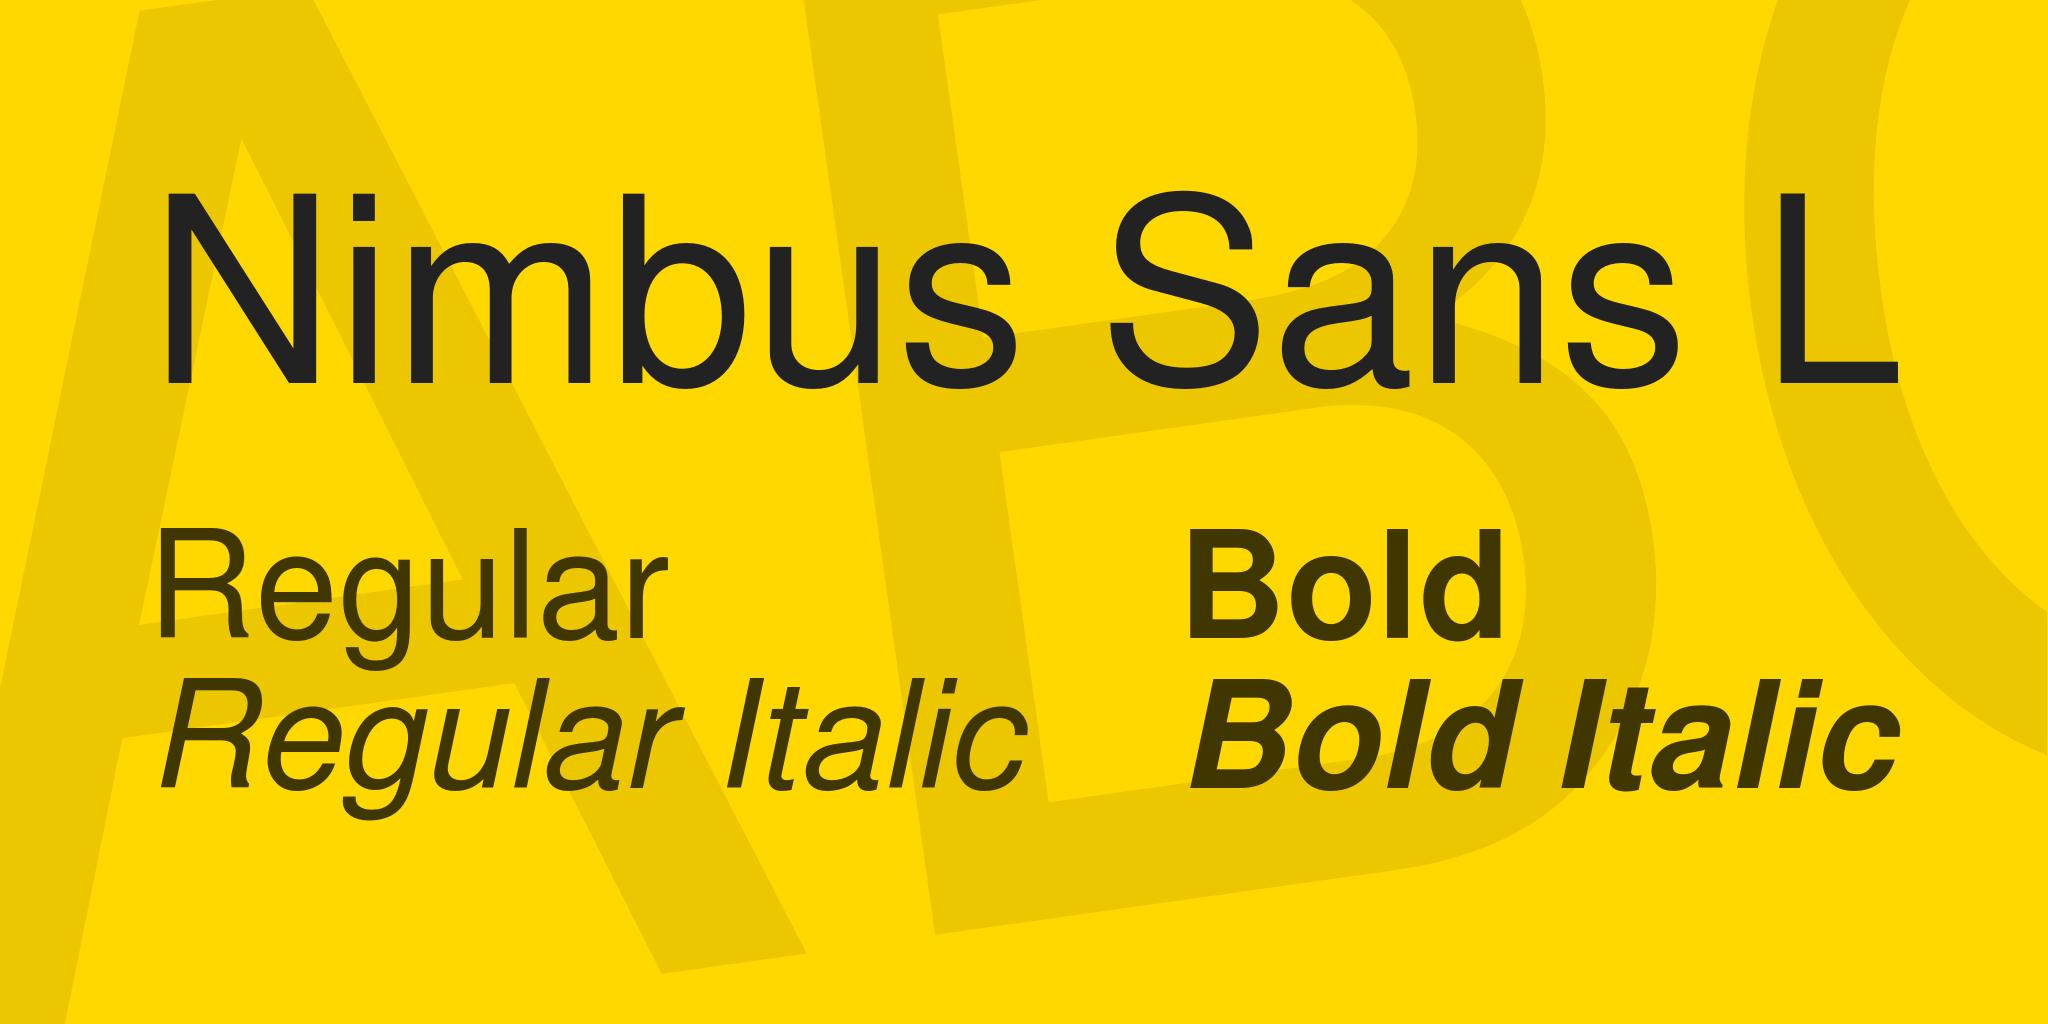 nimbus-sans-l-font-1-original